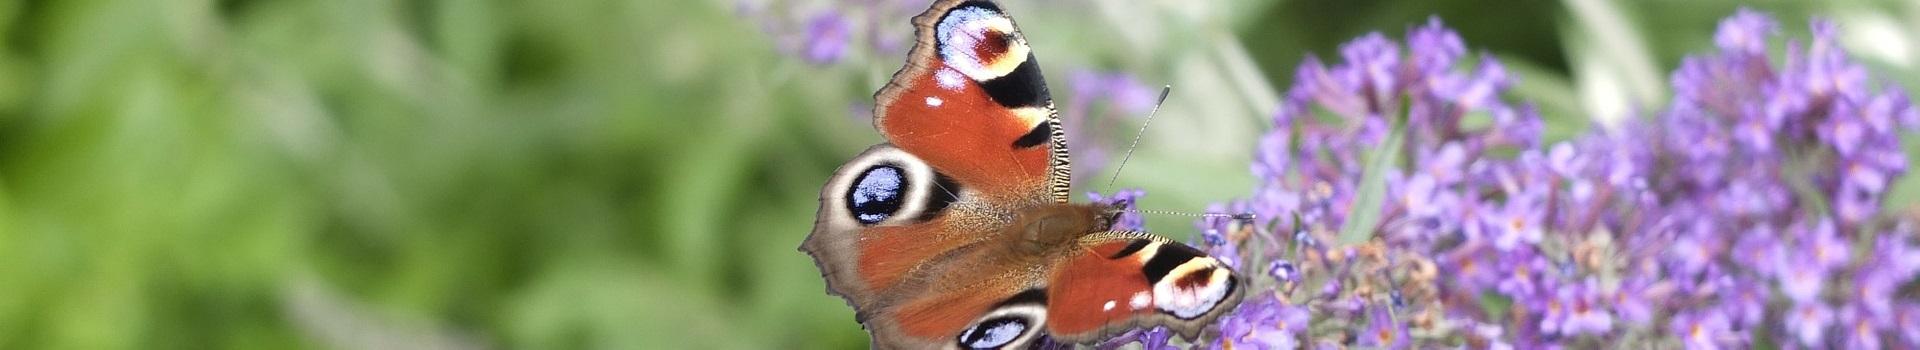 butterfly-191606_1920